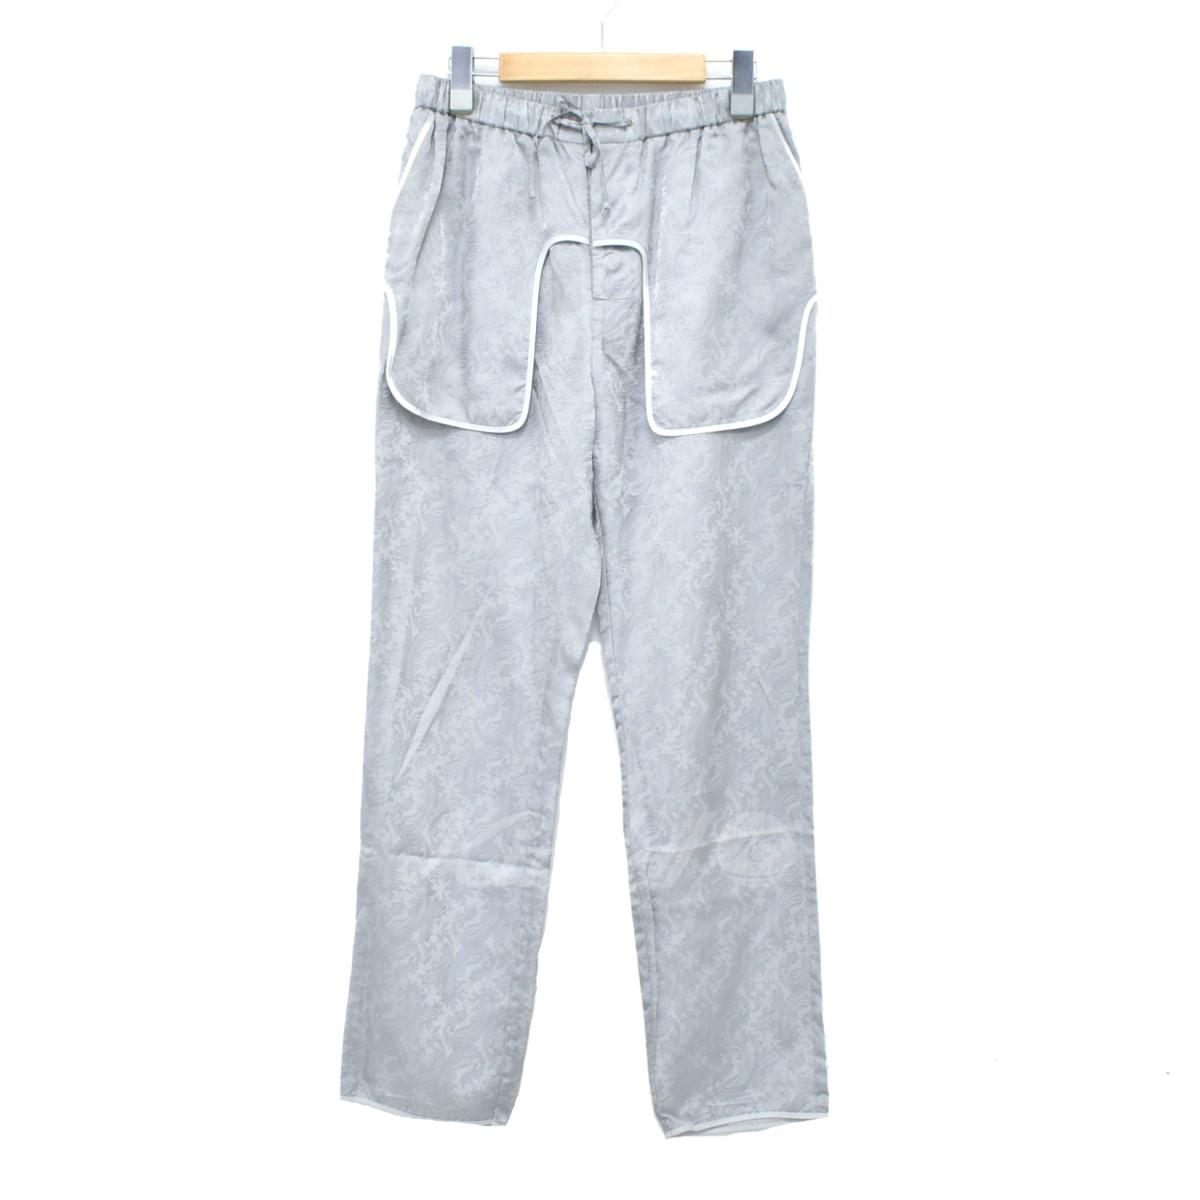 【中古】Nobuyuki Matsui Garden別注 Pocket Trousers Paisery pants グレー サイズ:2 【送料無料】 【020319】(ノブユキ マツイ)